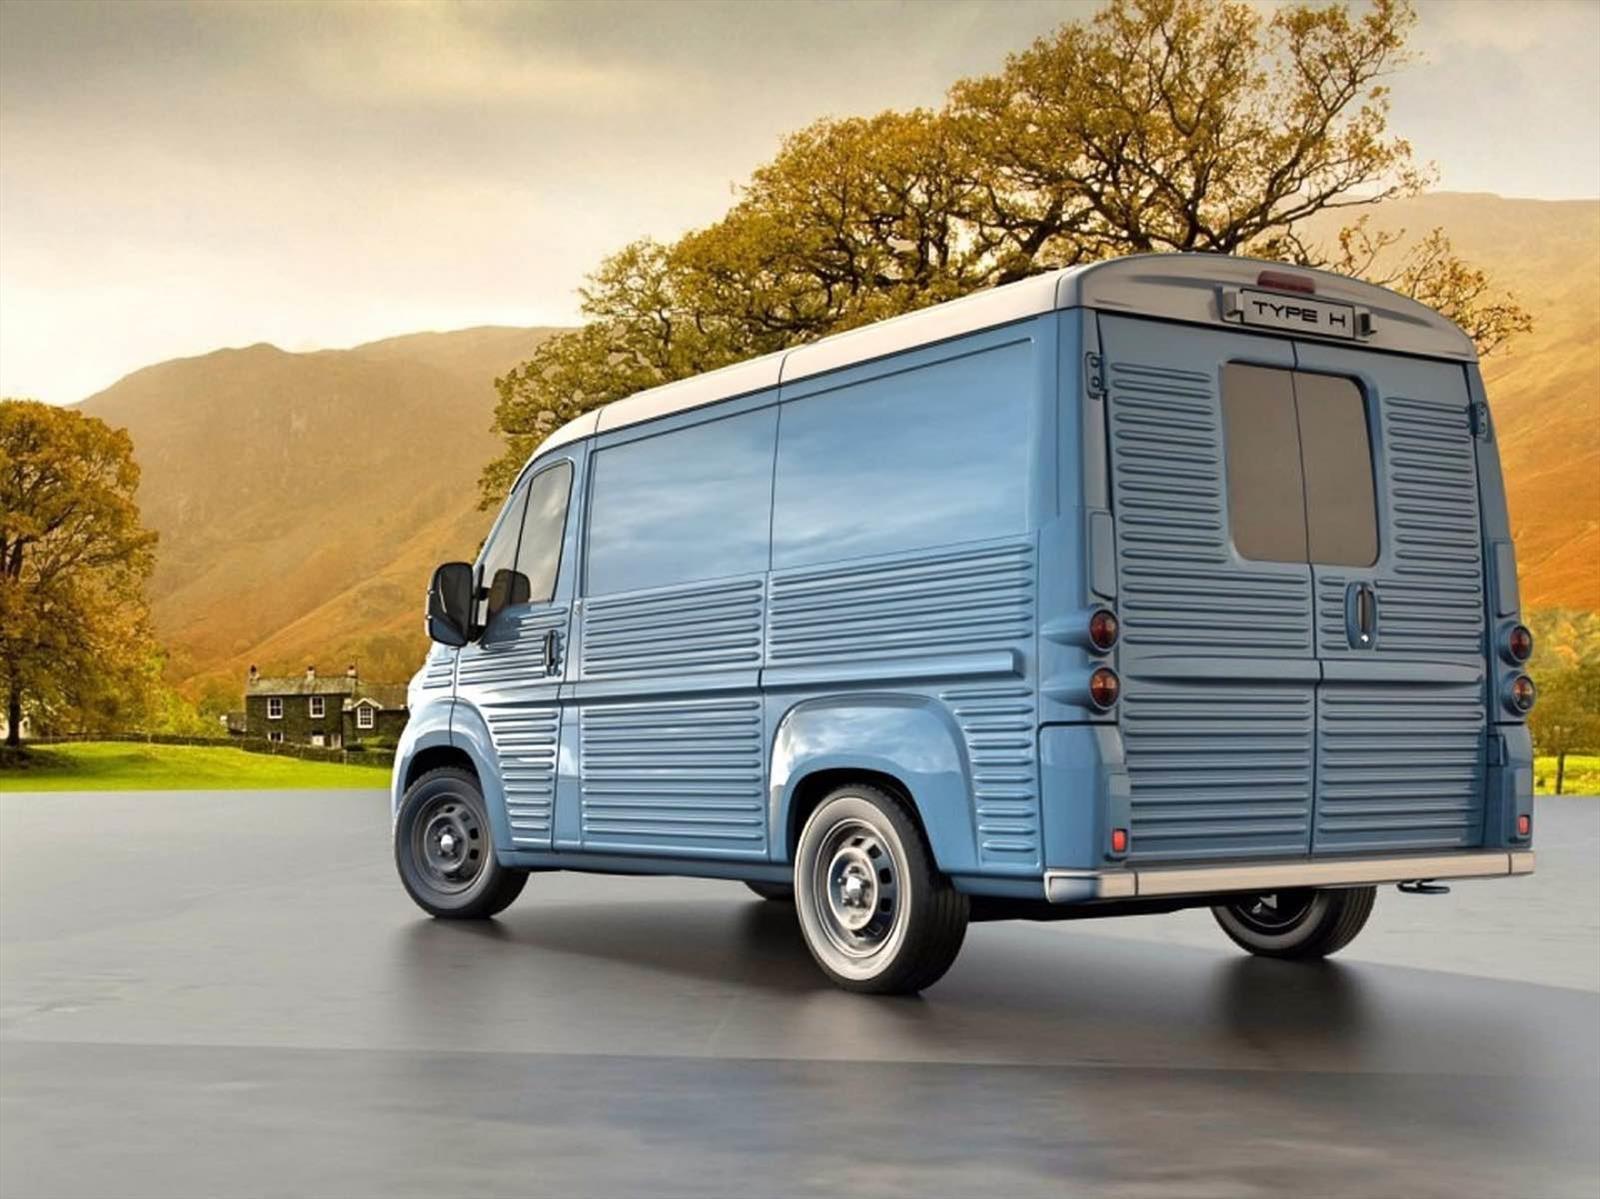 70 años no son nada: vuelve el Citroën Serie H